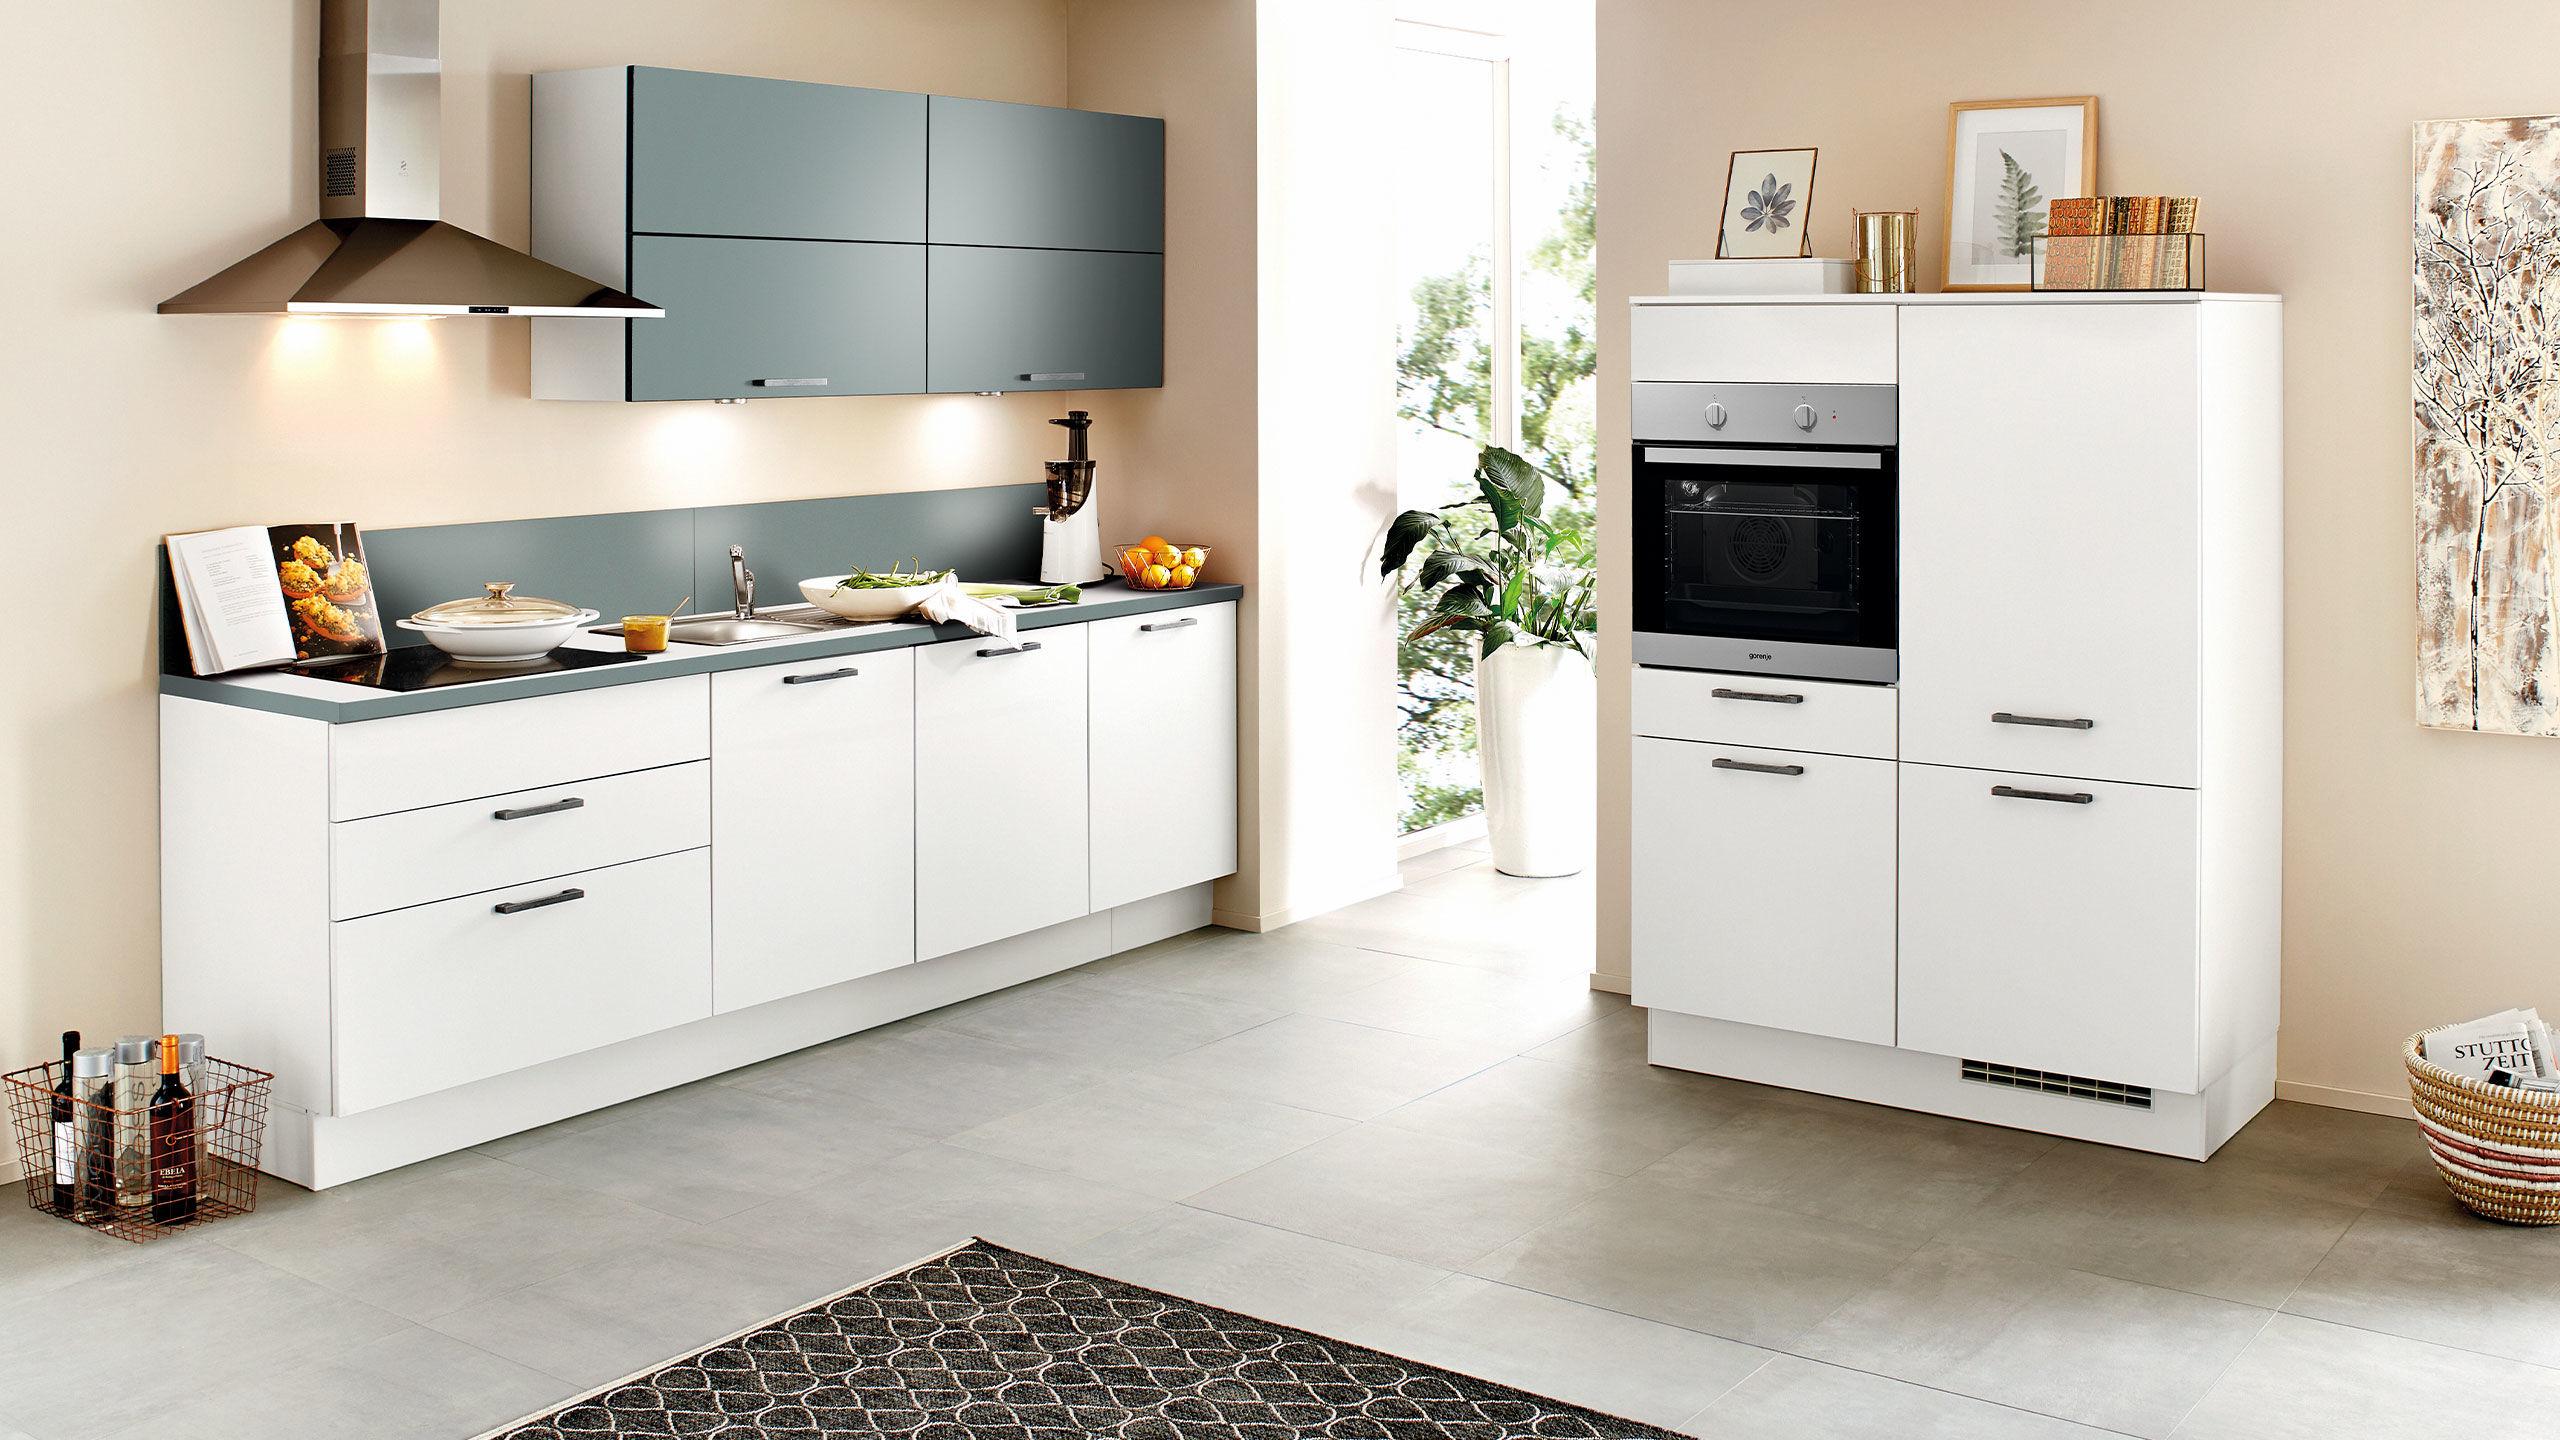 Full Size of Küchen Abverkauf Nobilia Einbauküche Küche Bad Inselküche Regal Wohnzimmer Küchen Abverkauf Nobilia